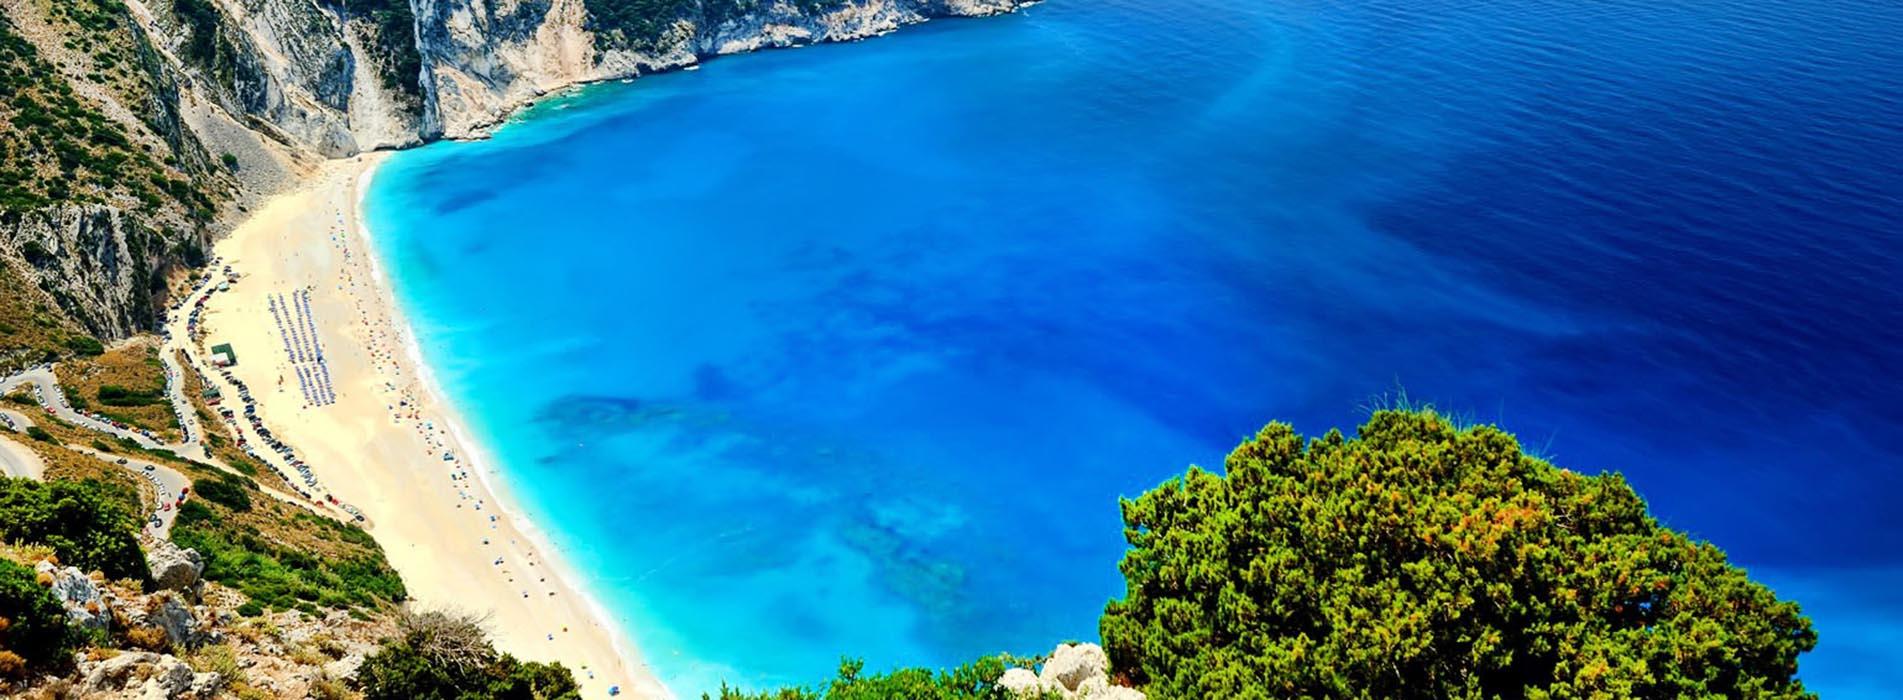 Greece - Kefalonia 10 (main)